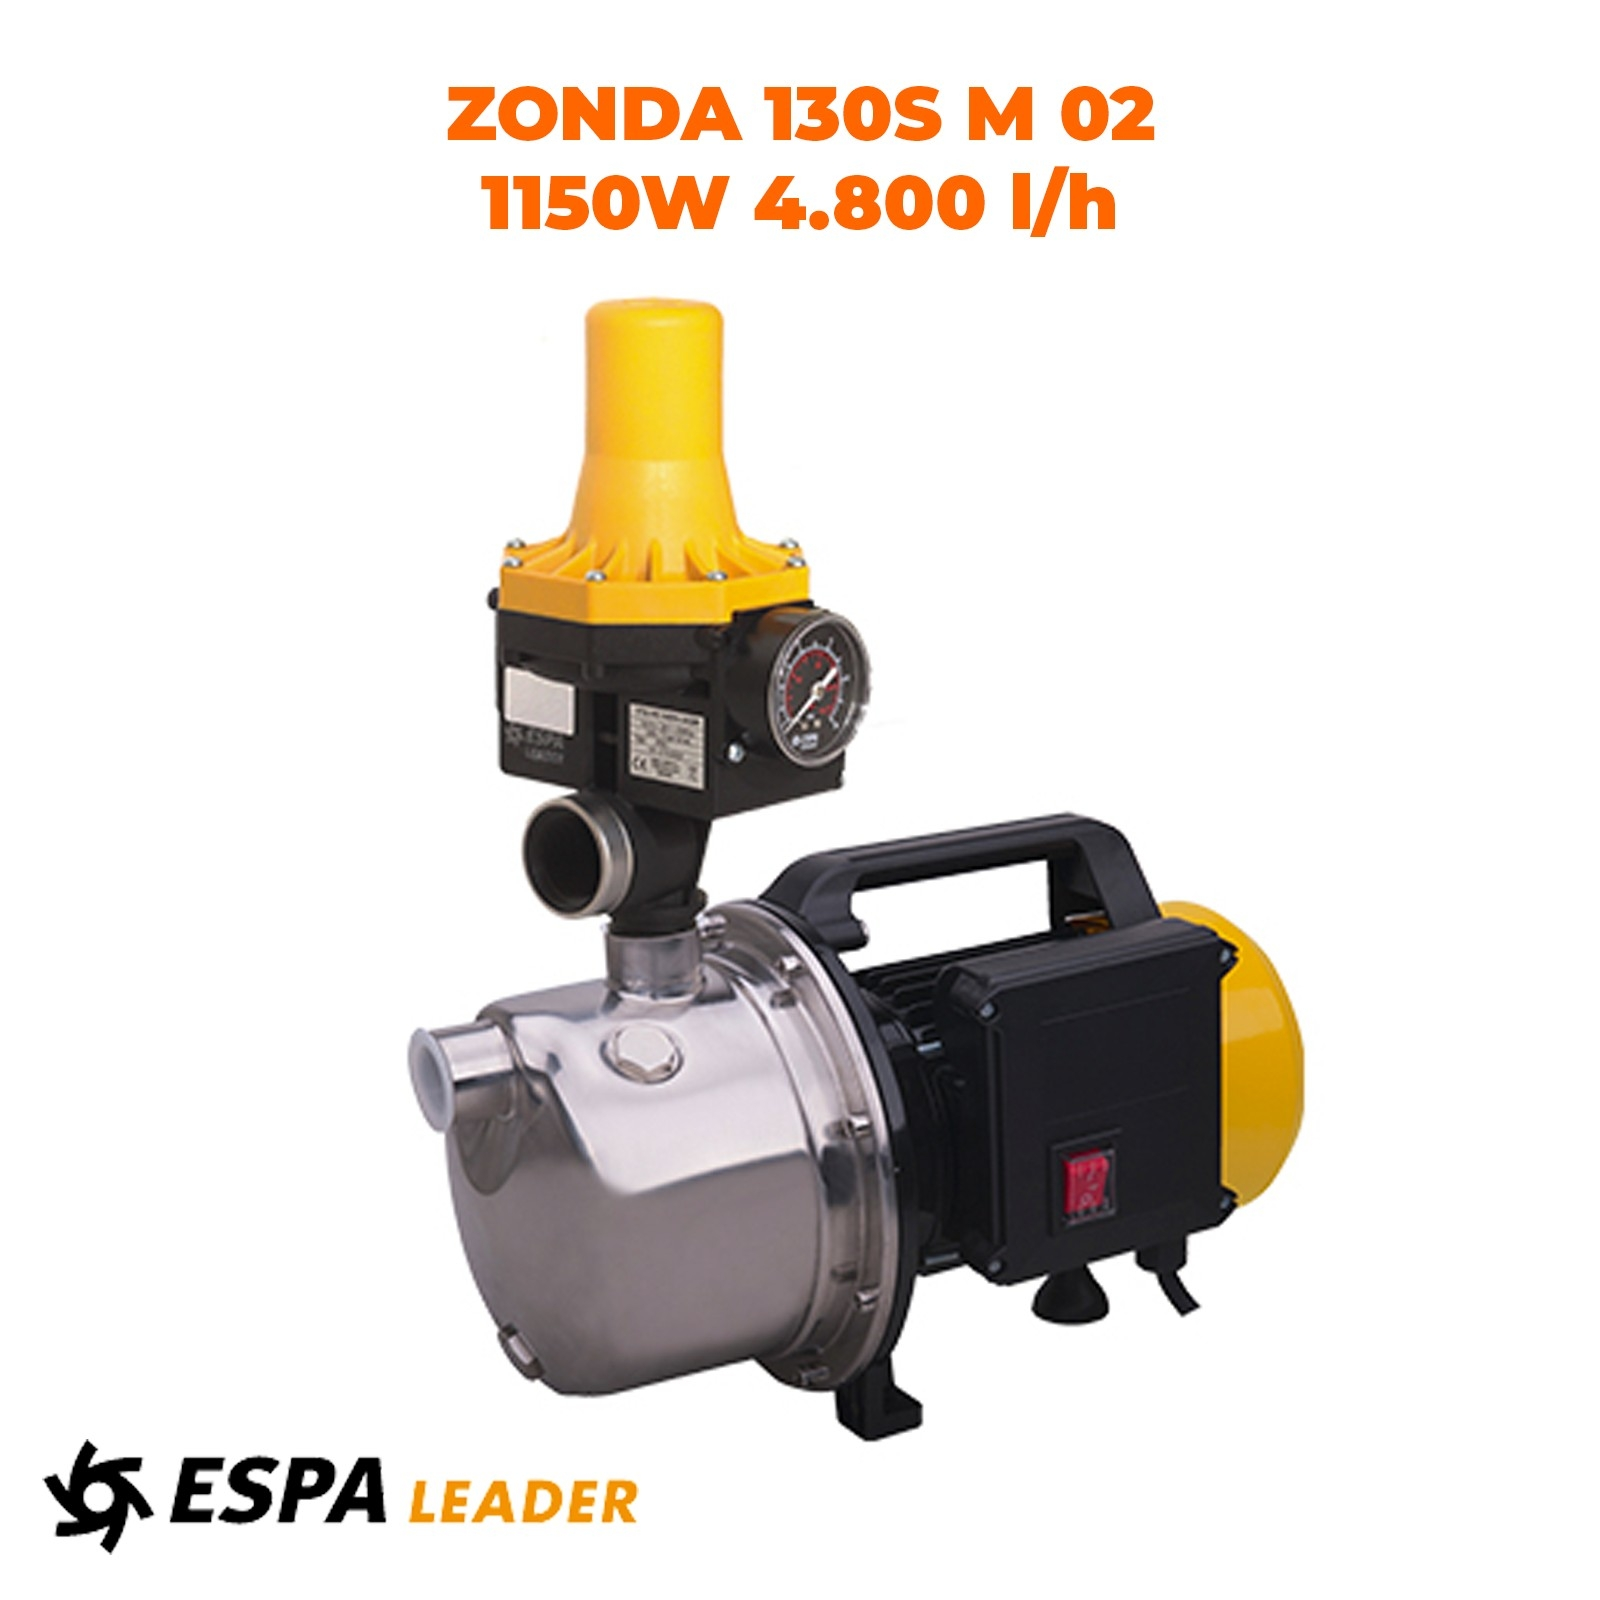 ESPA LEADER POMPE A EAU DE SURFACE ZONDA 130S M02